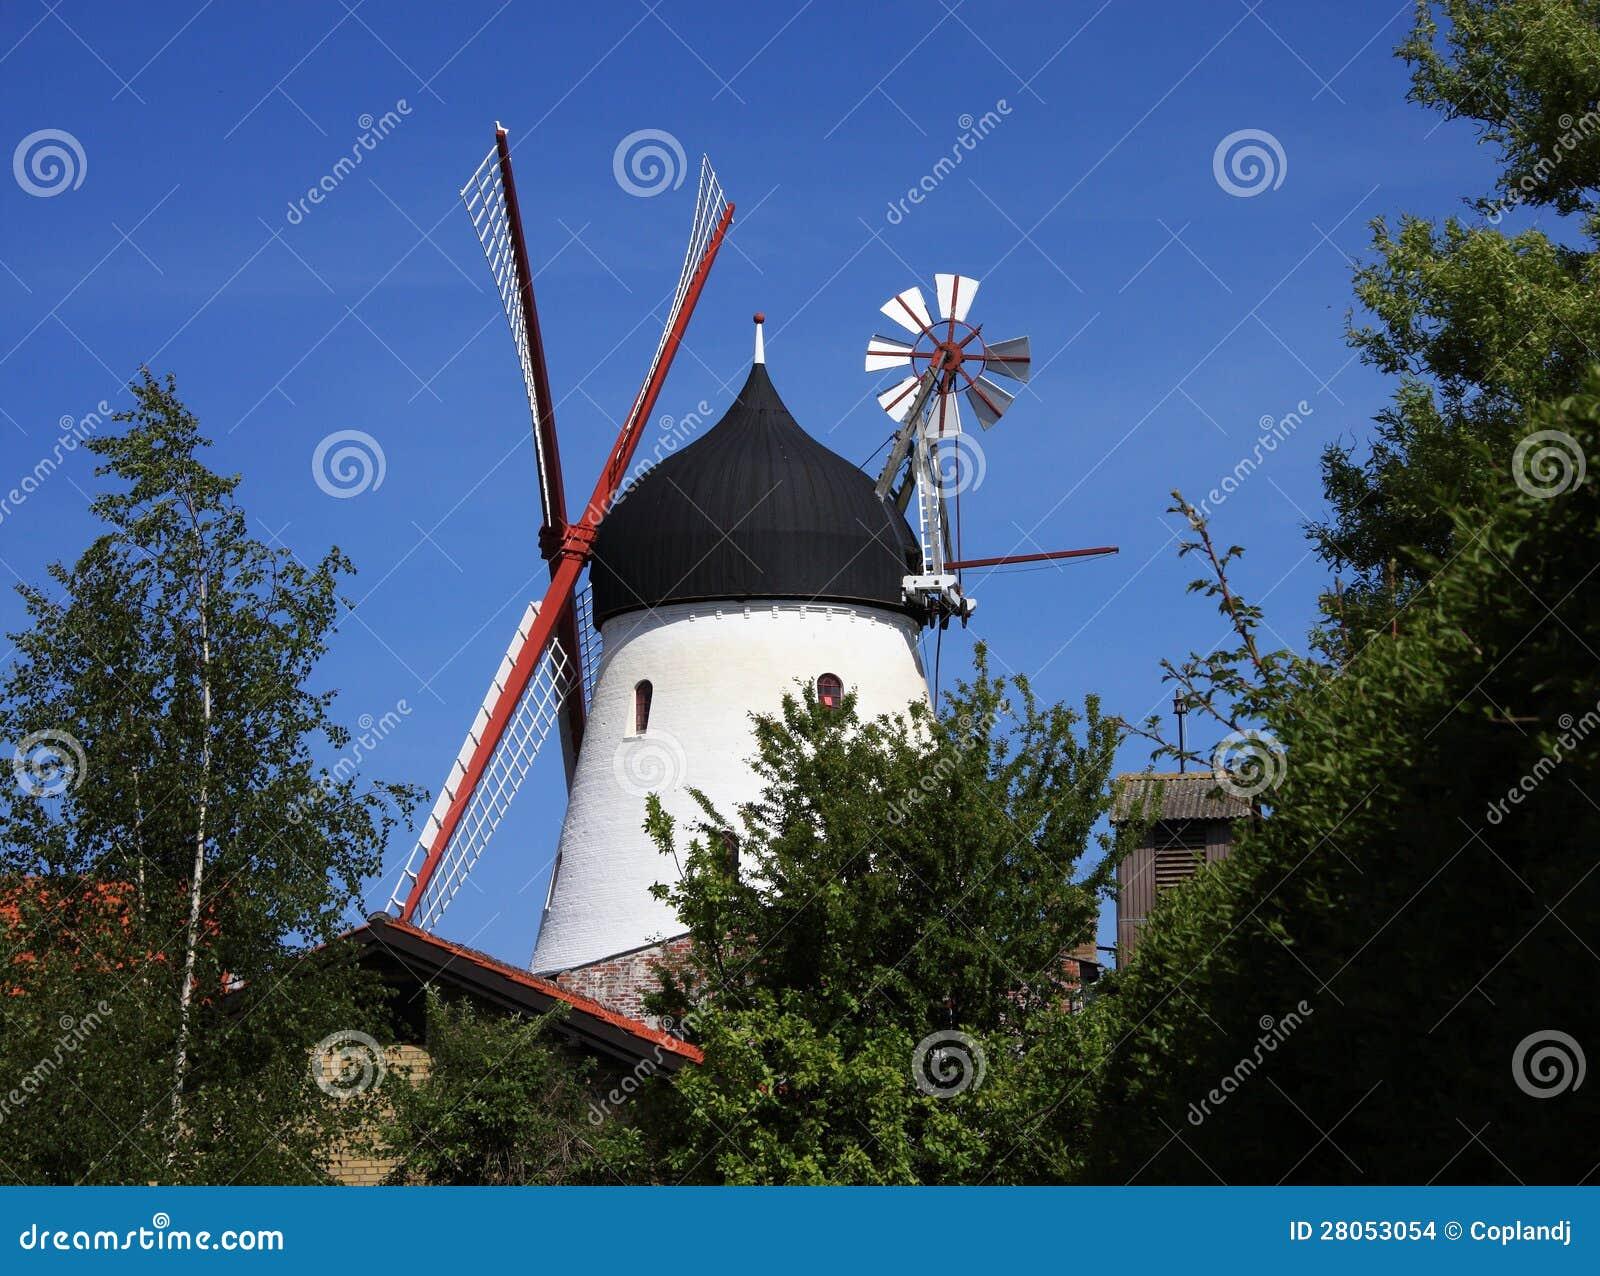 丹麦bornholm海岛gudhjem风车-最大在丹麦清楚的蓝天.图片